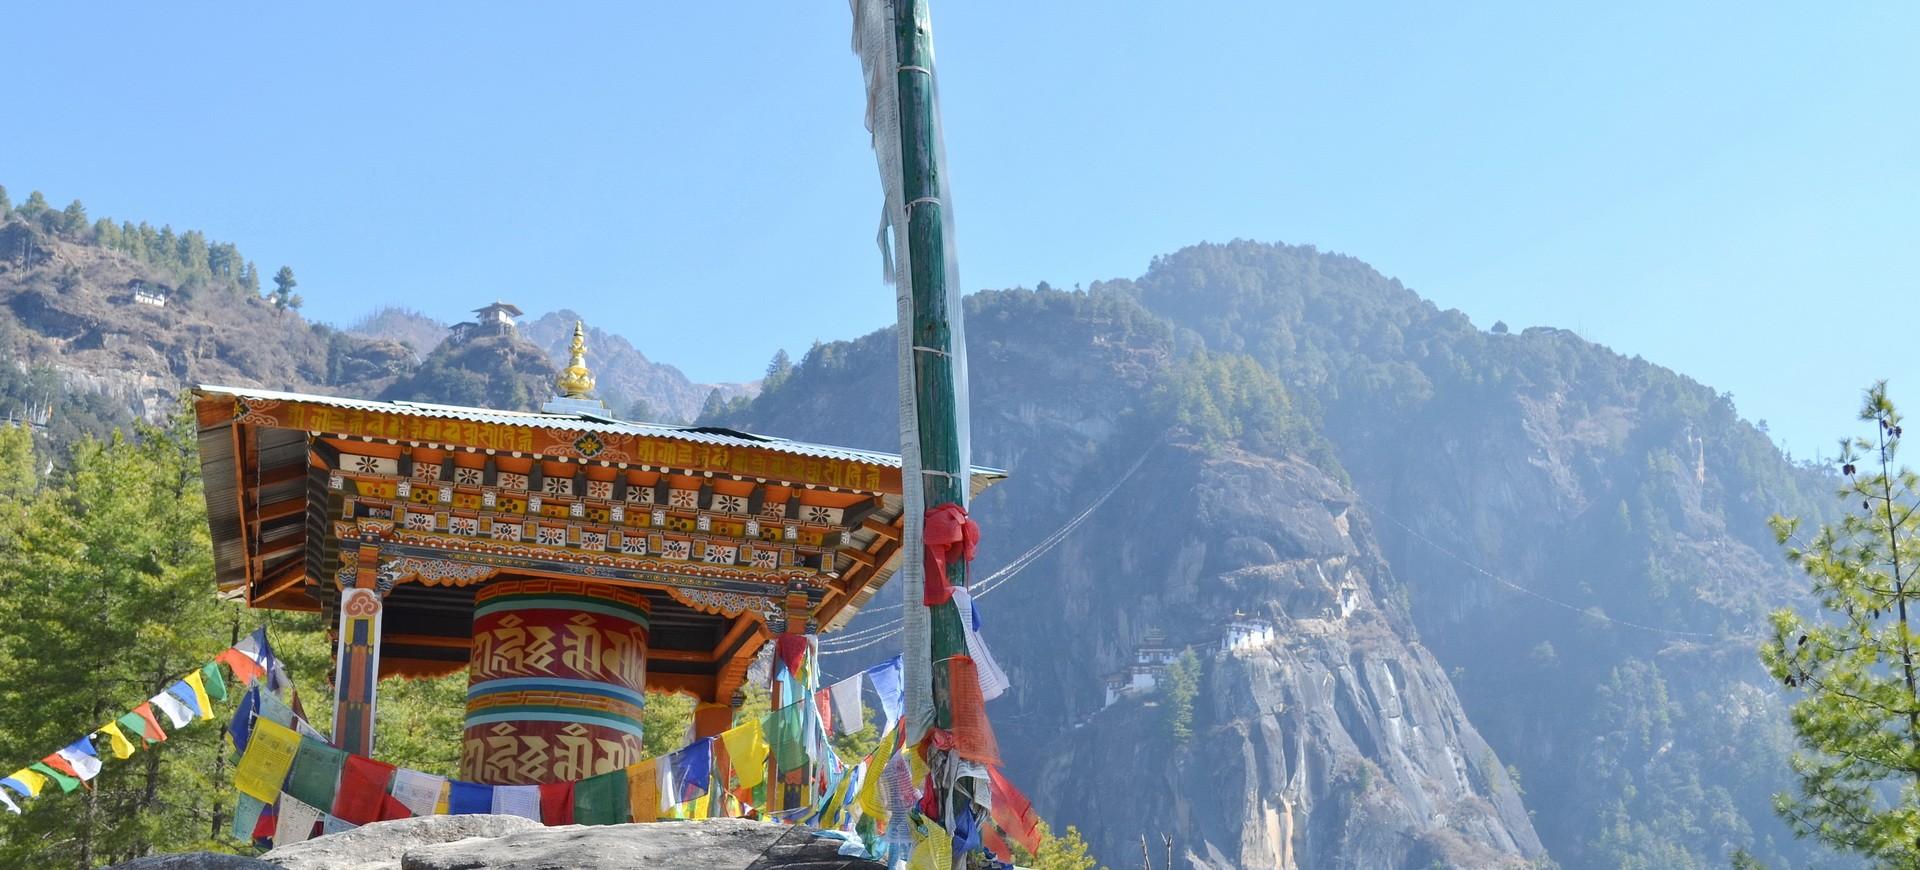 Bhoutan Paro Taksang (Tiger Nest)